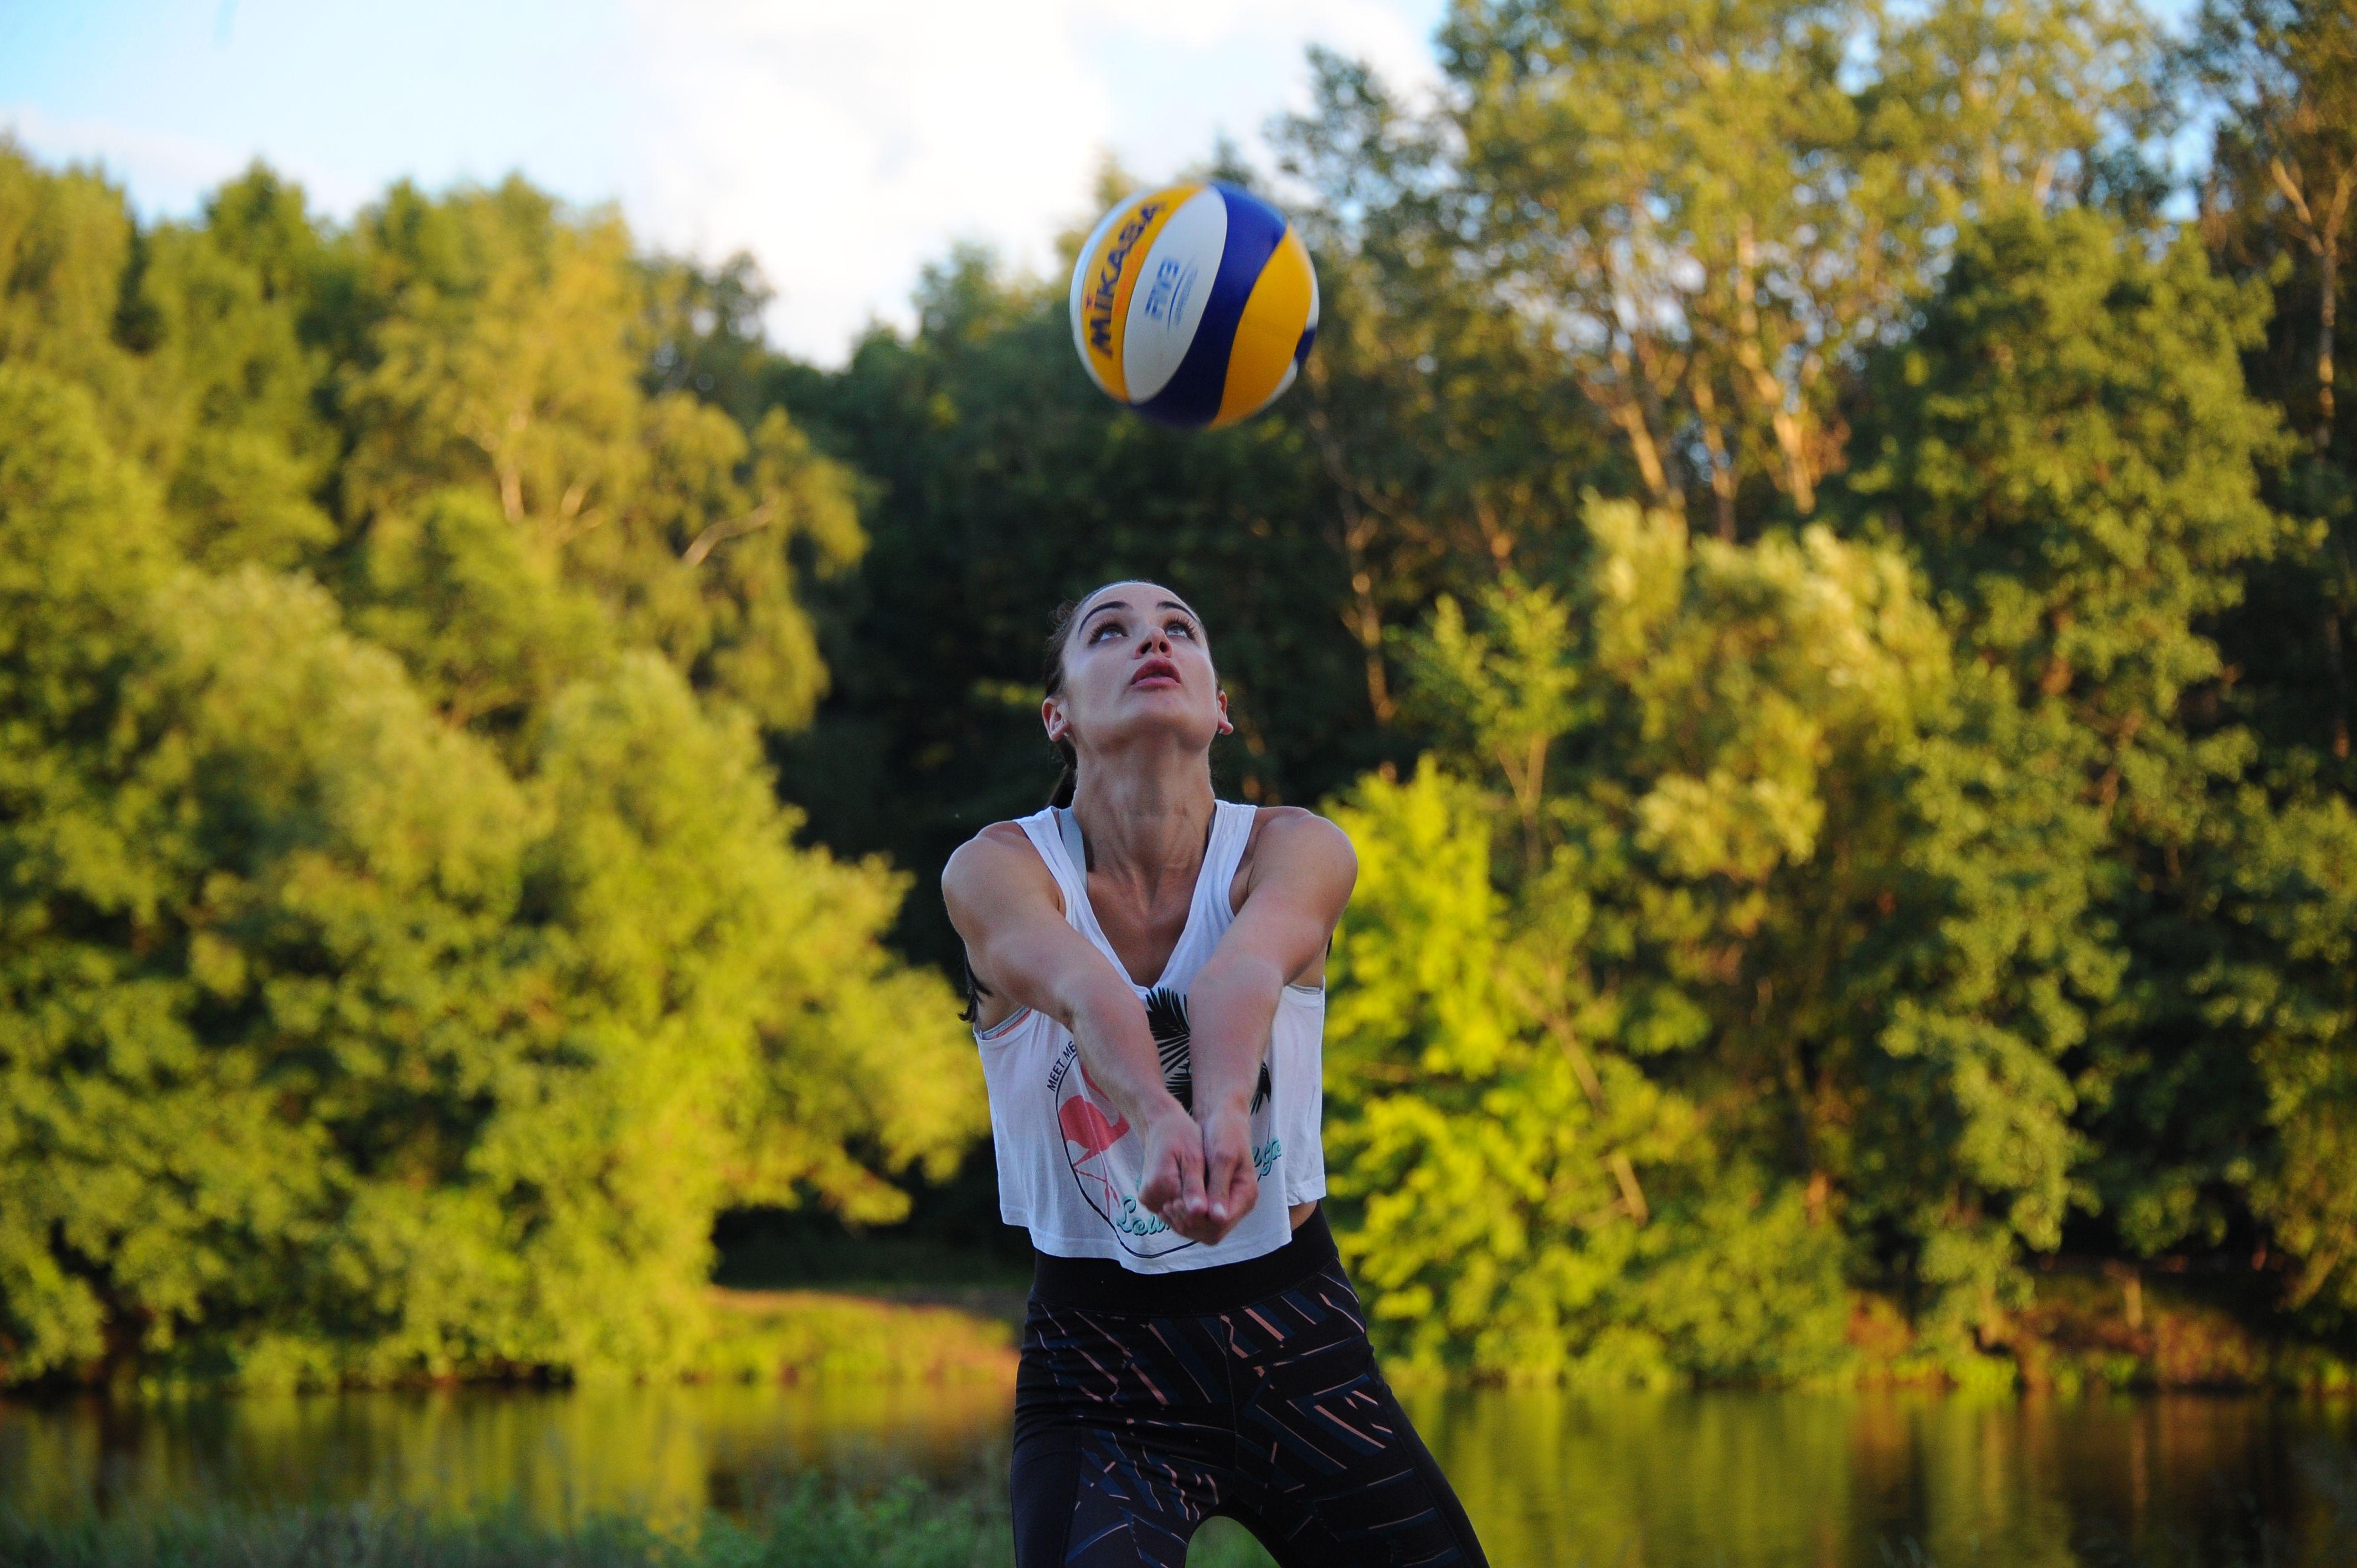 Турнир по пляжному волейболу состоится в Сосенском